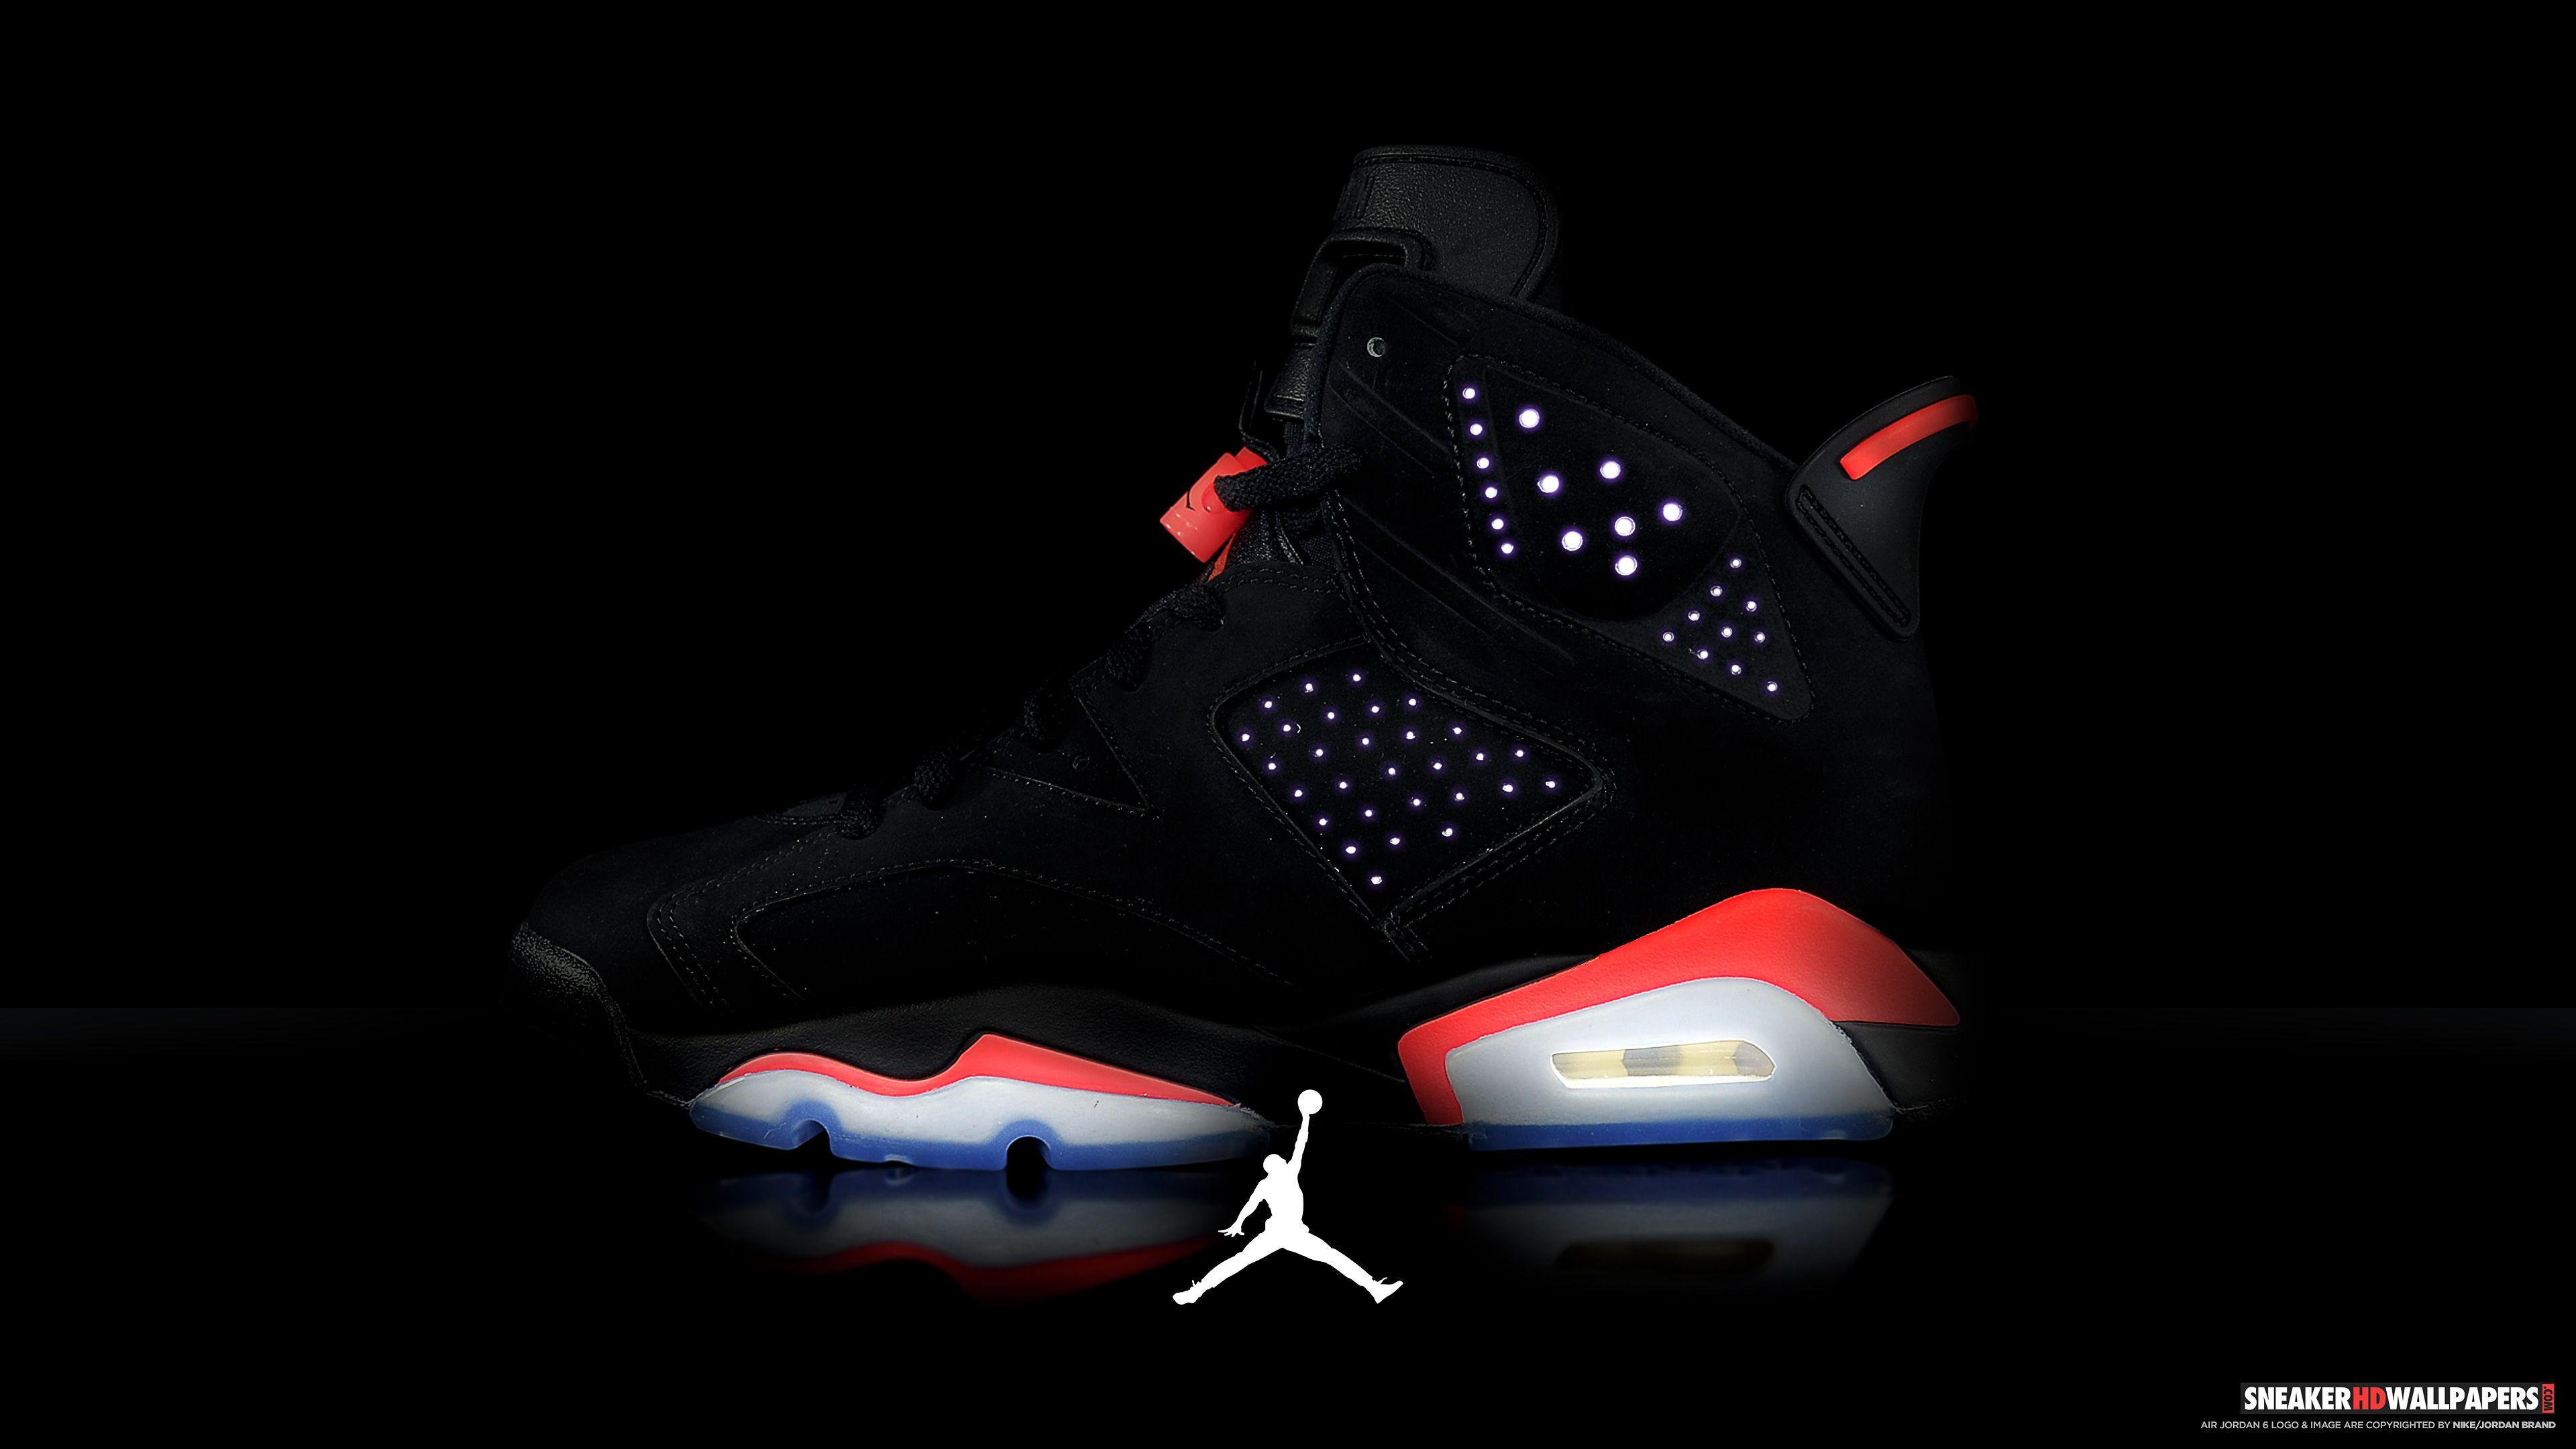 Nike Air Jordan Wallpaper Jordan shoes wallpaper, Air